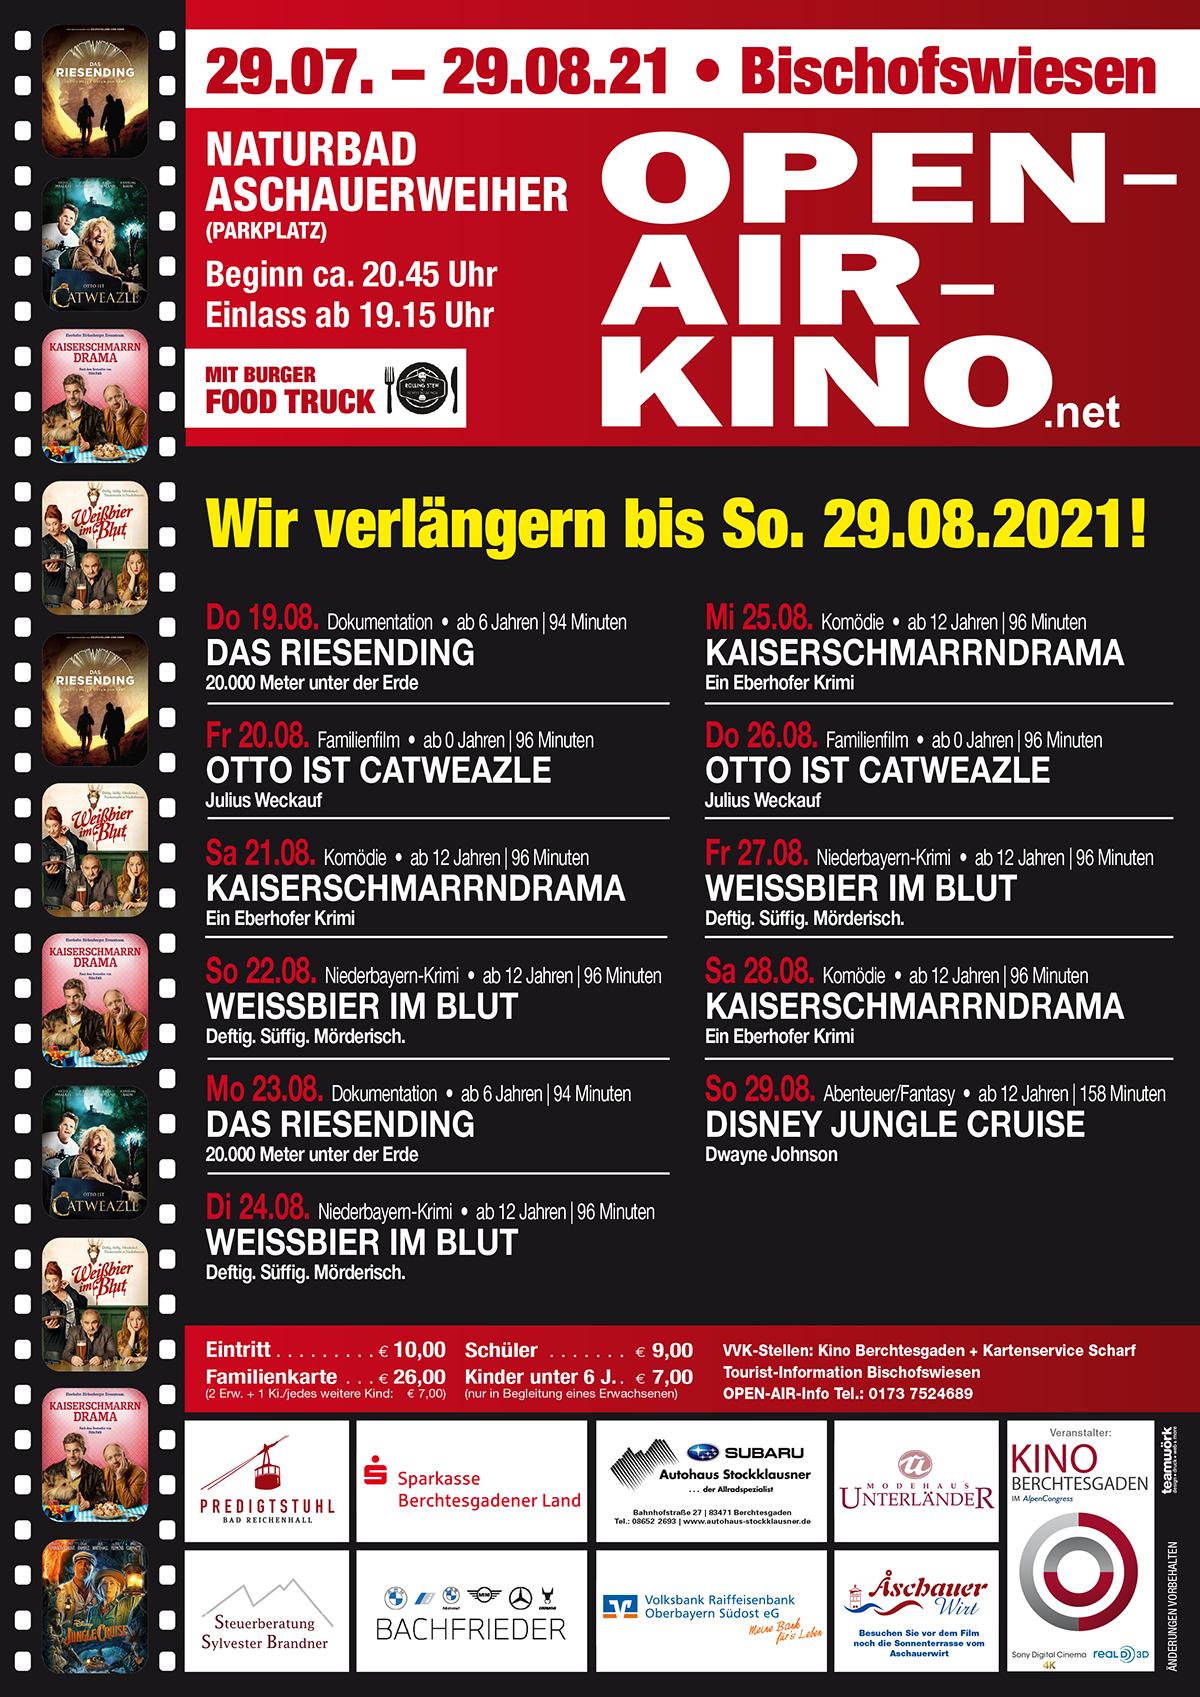 Open Air Kino Berchtesgaden: Verlängerung bis 29.8.